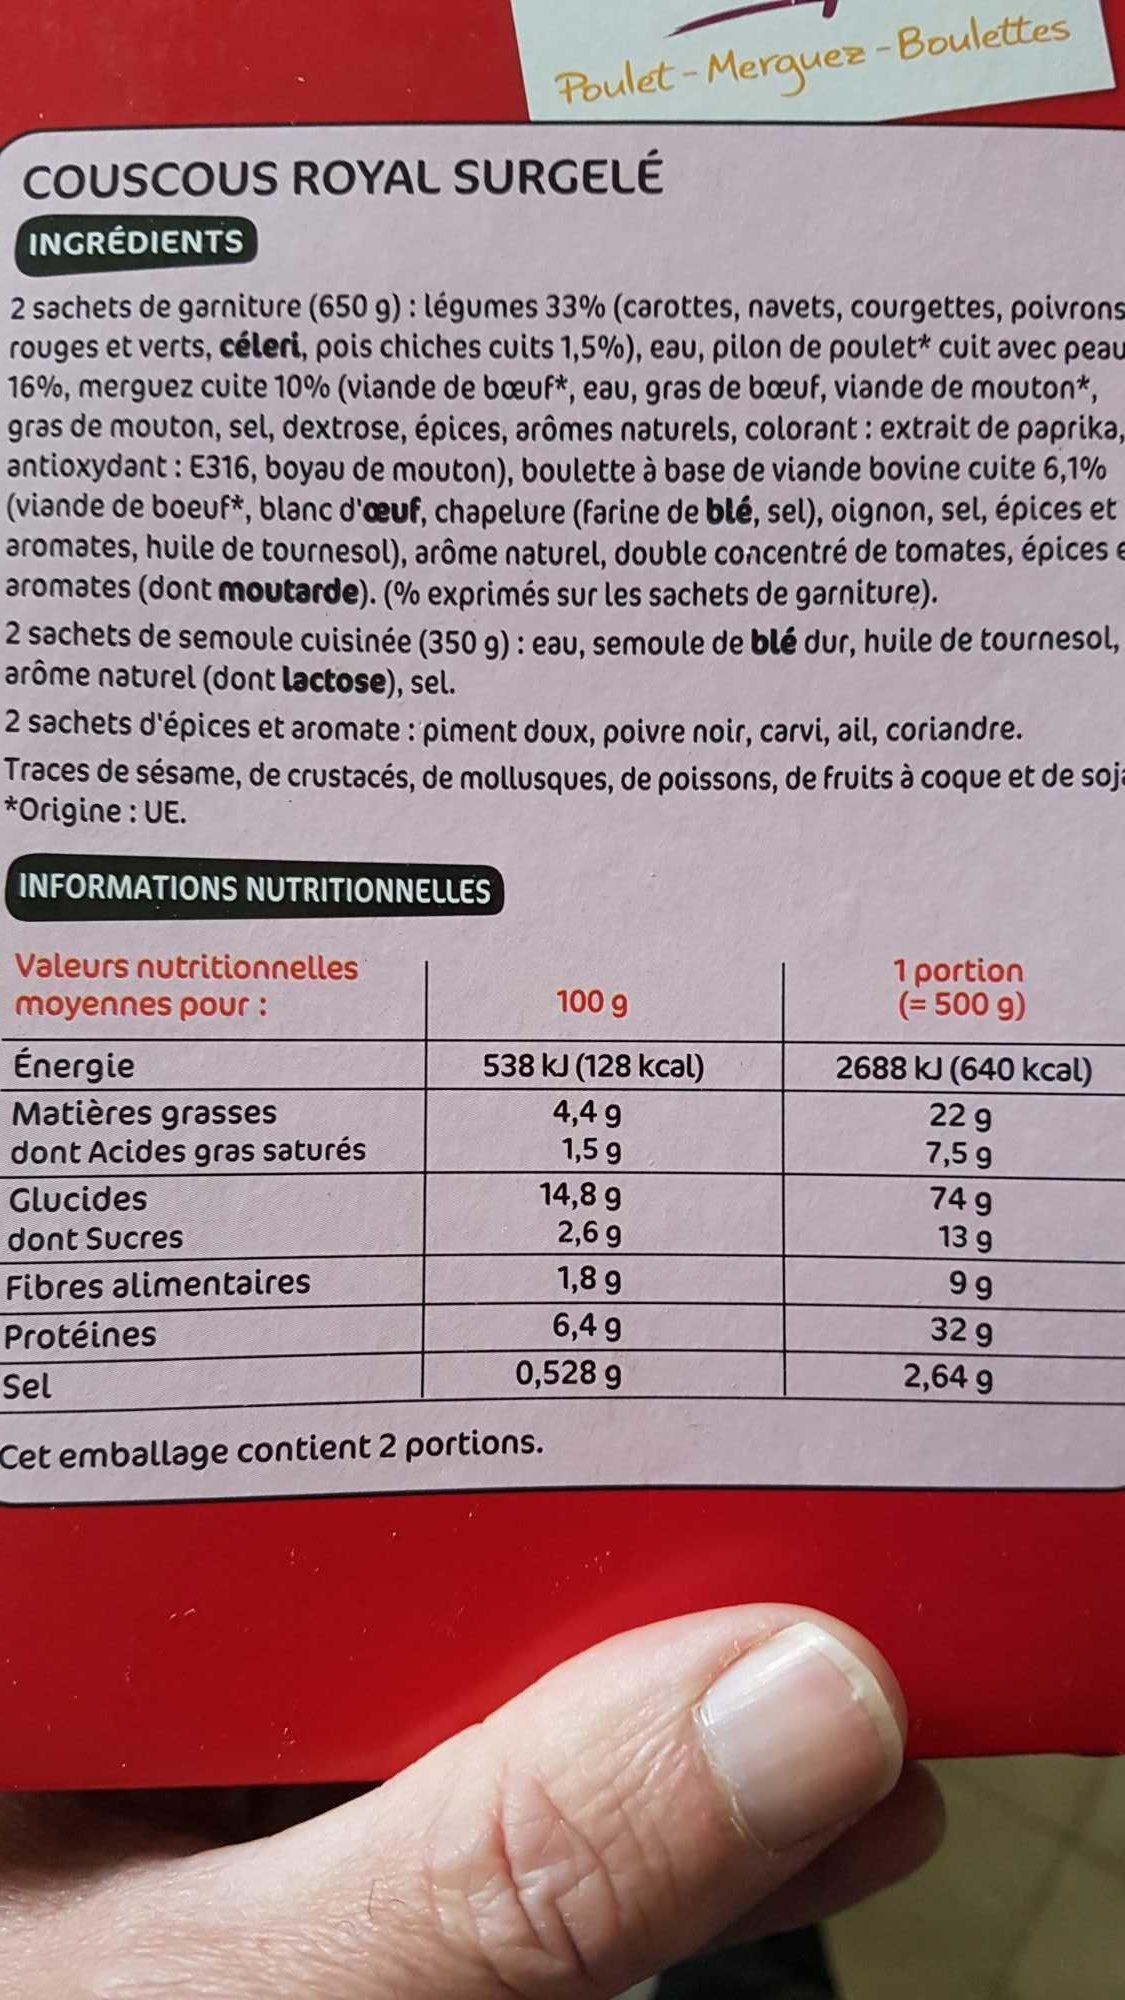 Couscous surgelé boite - Ingrédients - fr